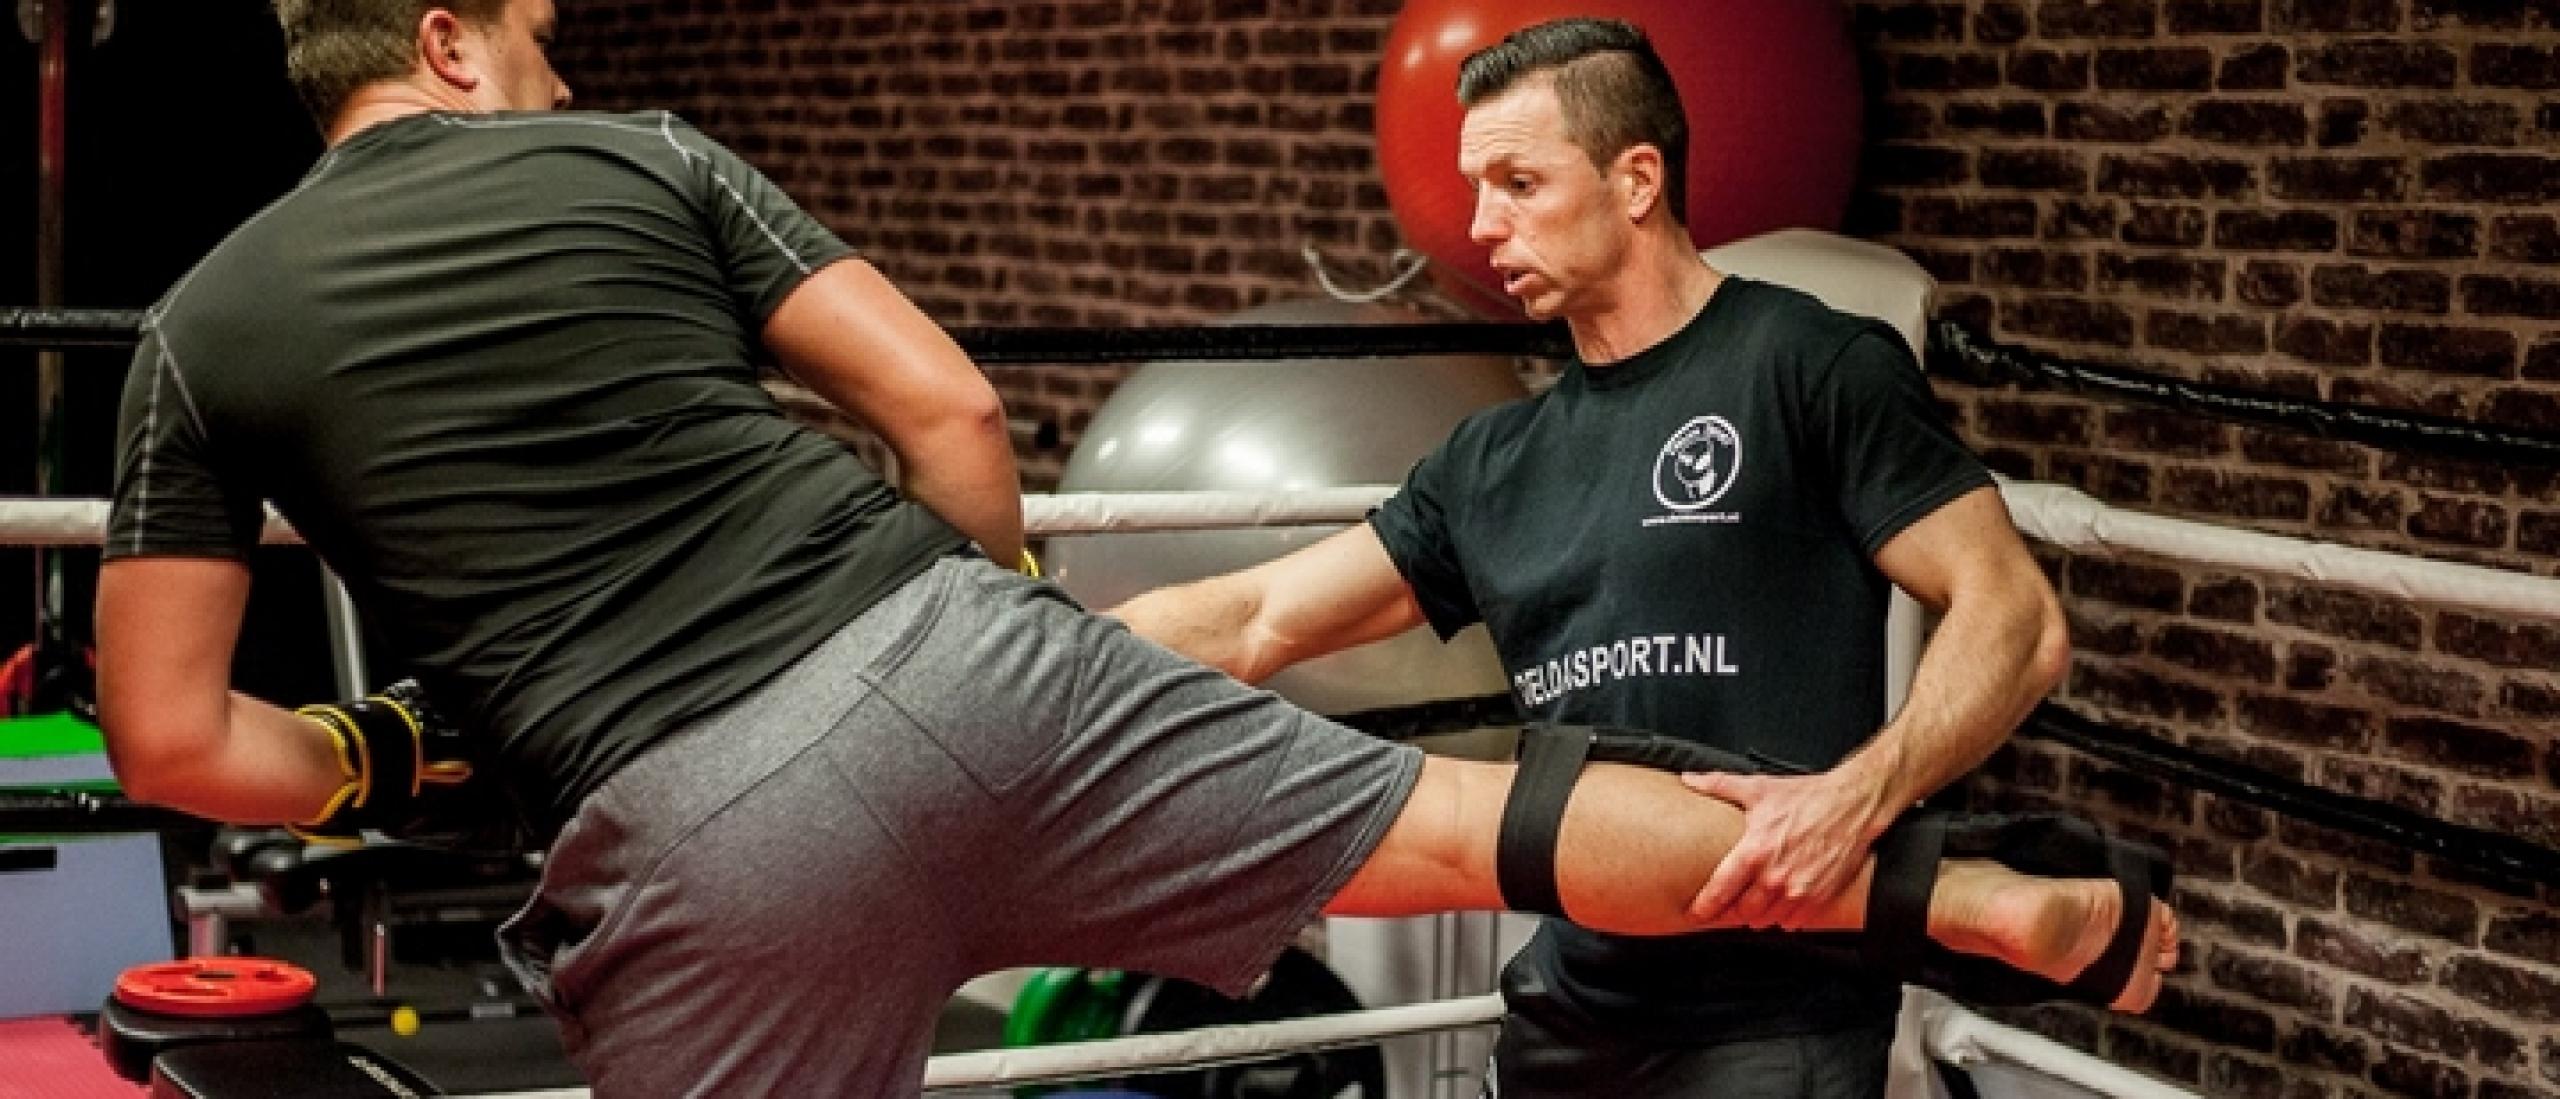 Privéles kickboksen, zo leer jij goed en snel kickboksen